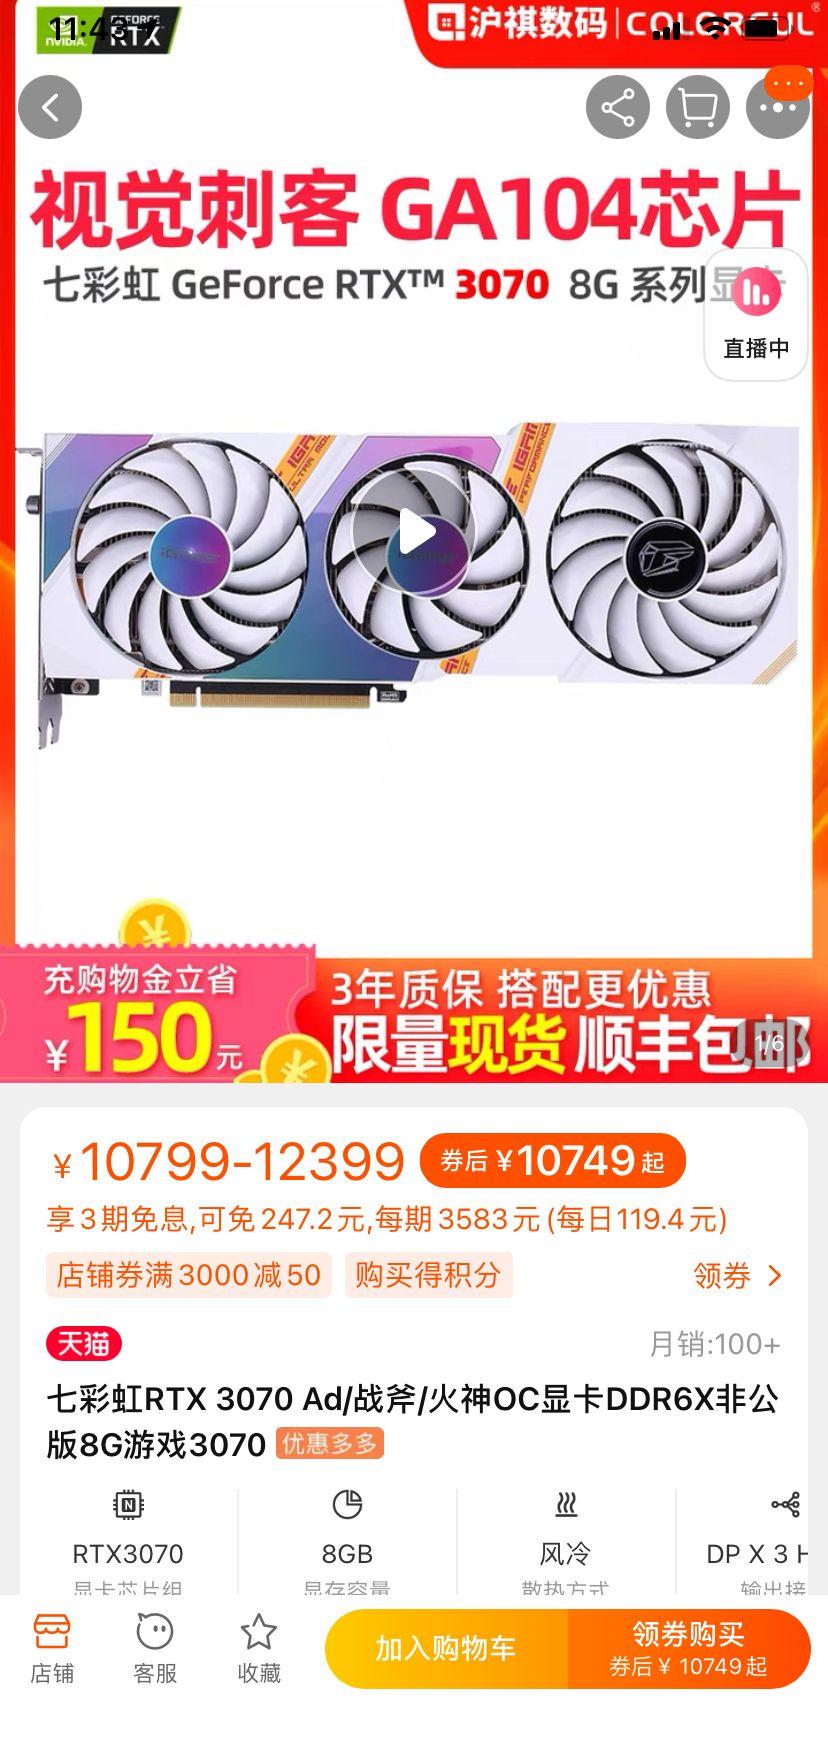 C7F50073-C34C-4B34-AB06-67478175E933.jpeg